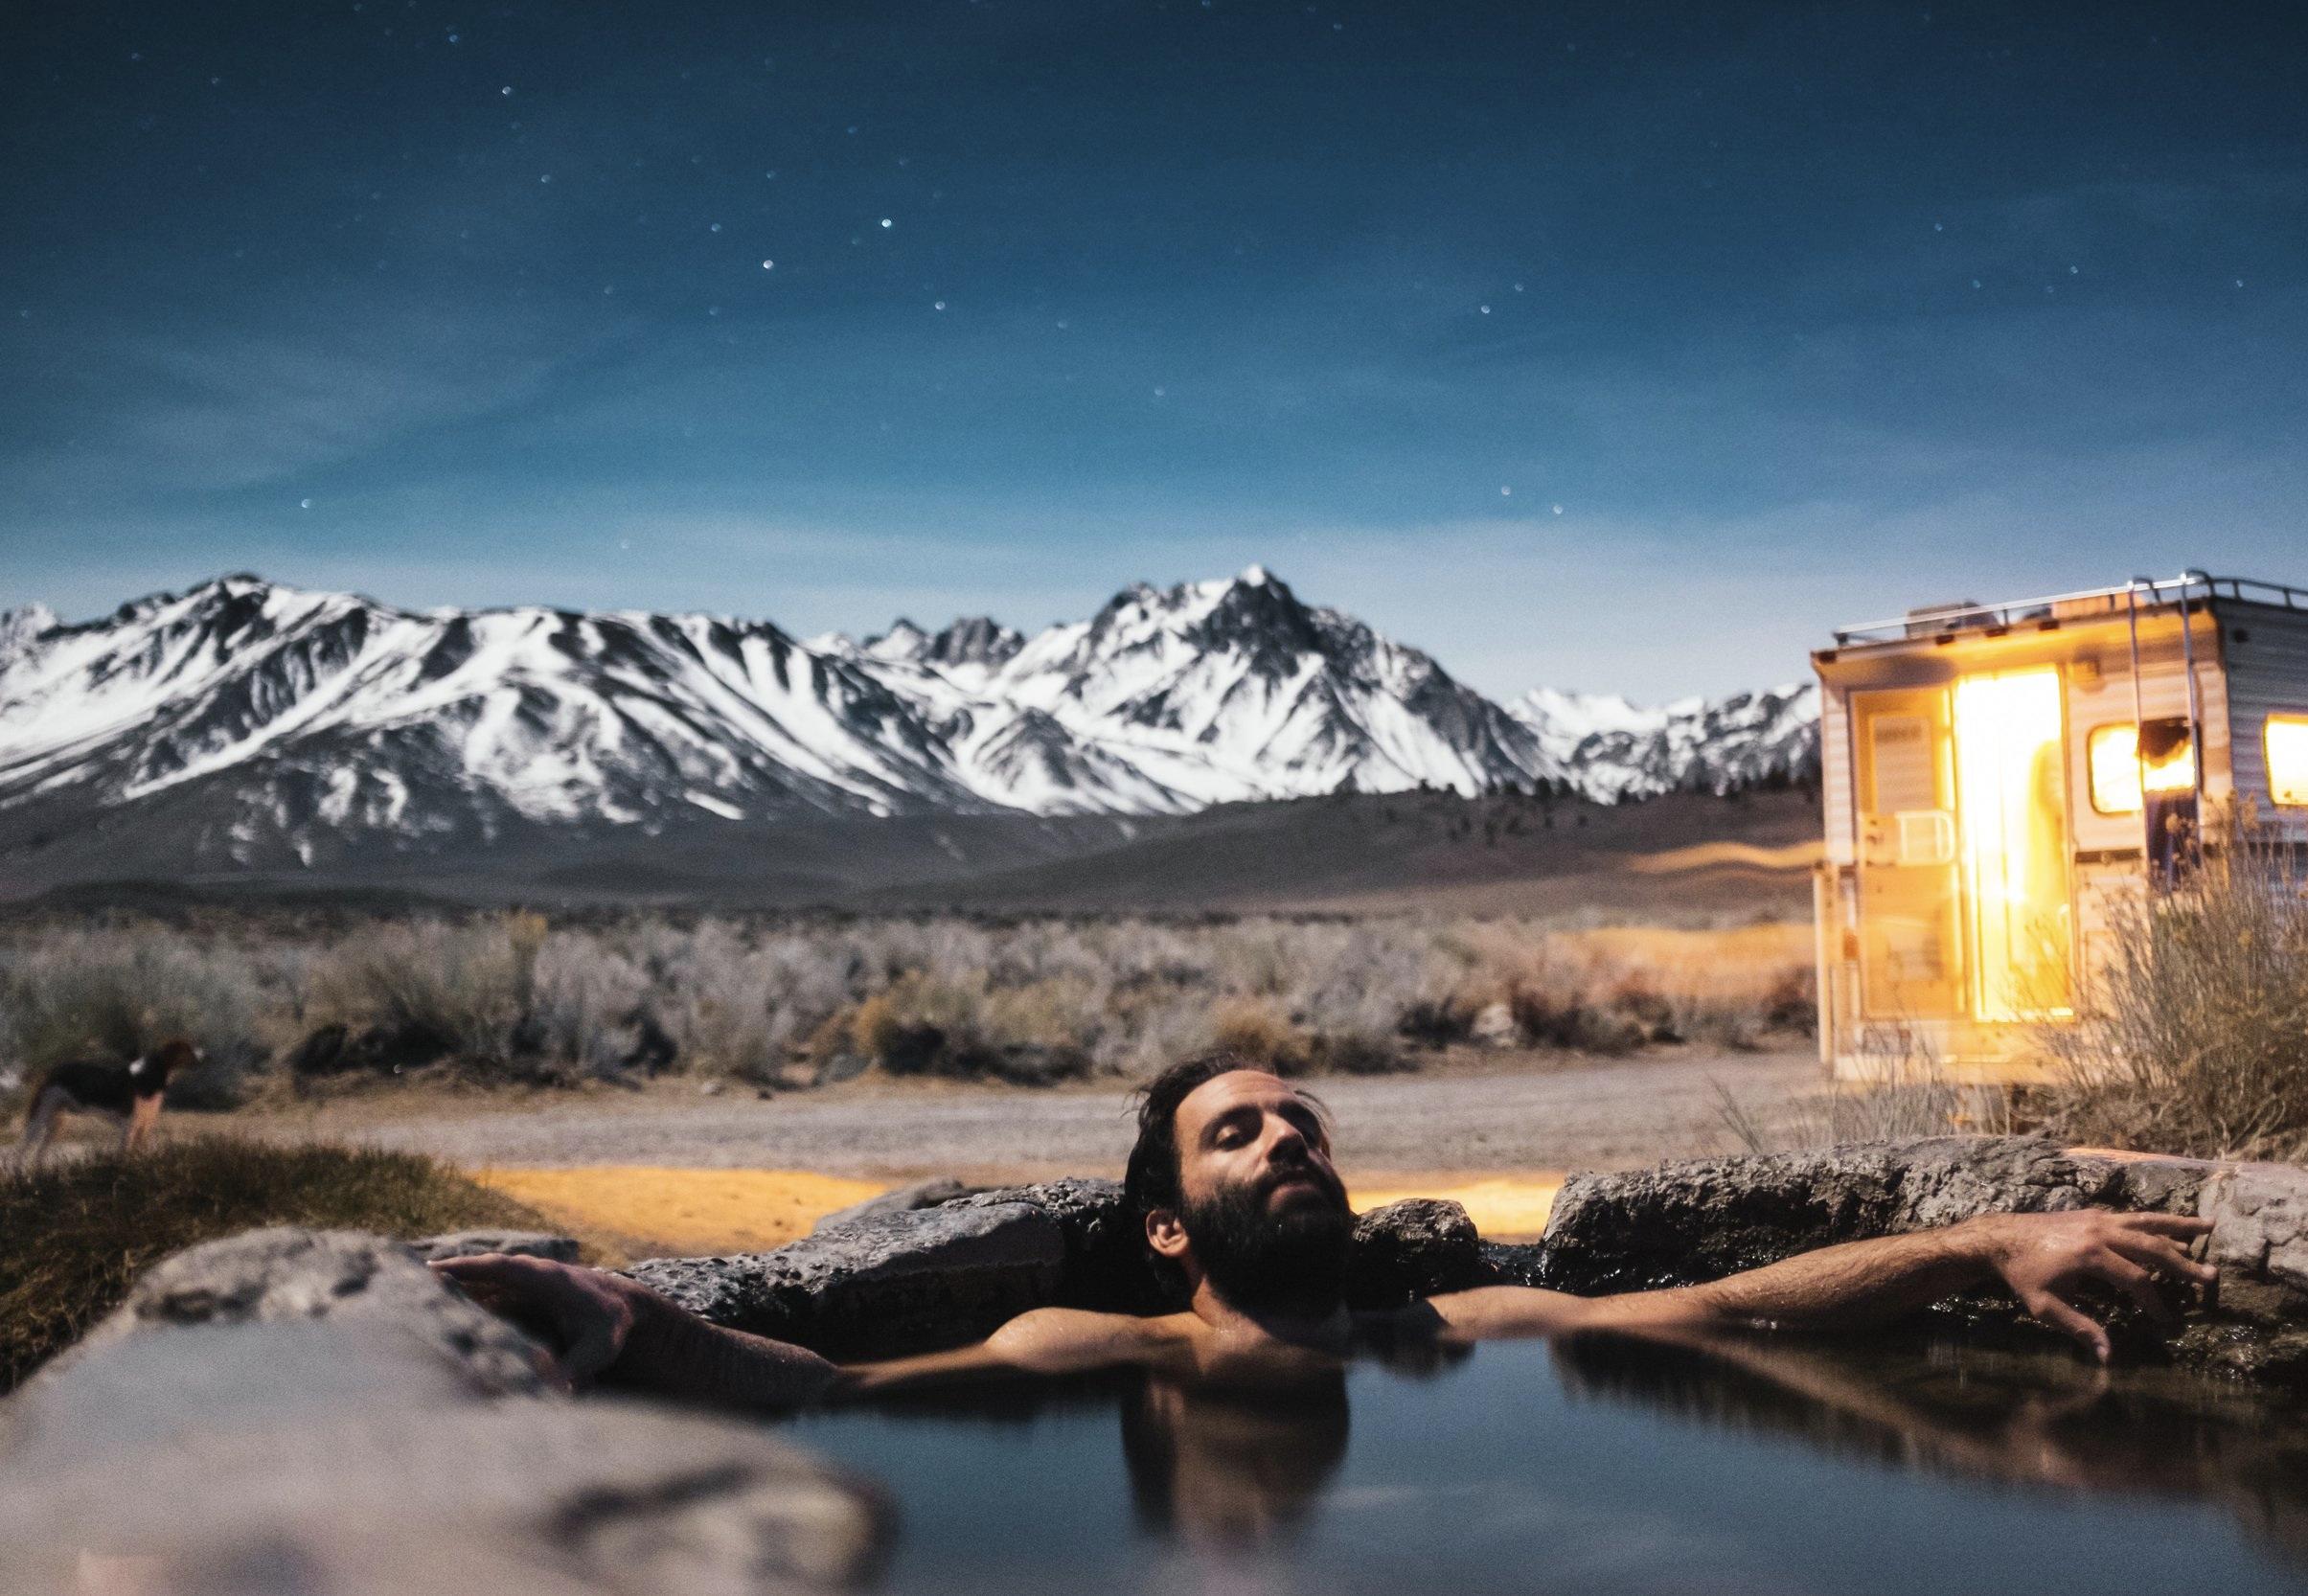 man+in+hot+pool.jpg